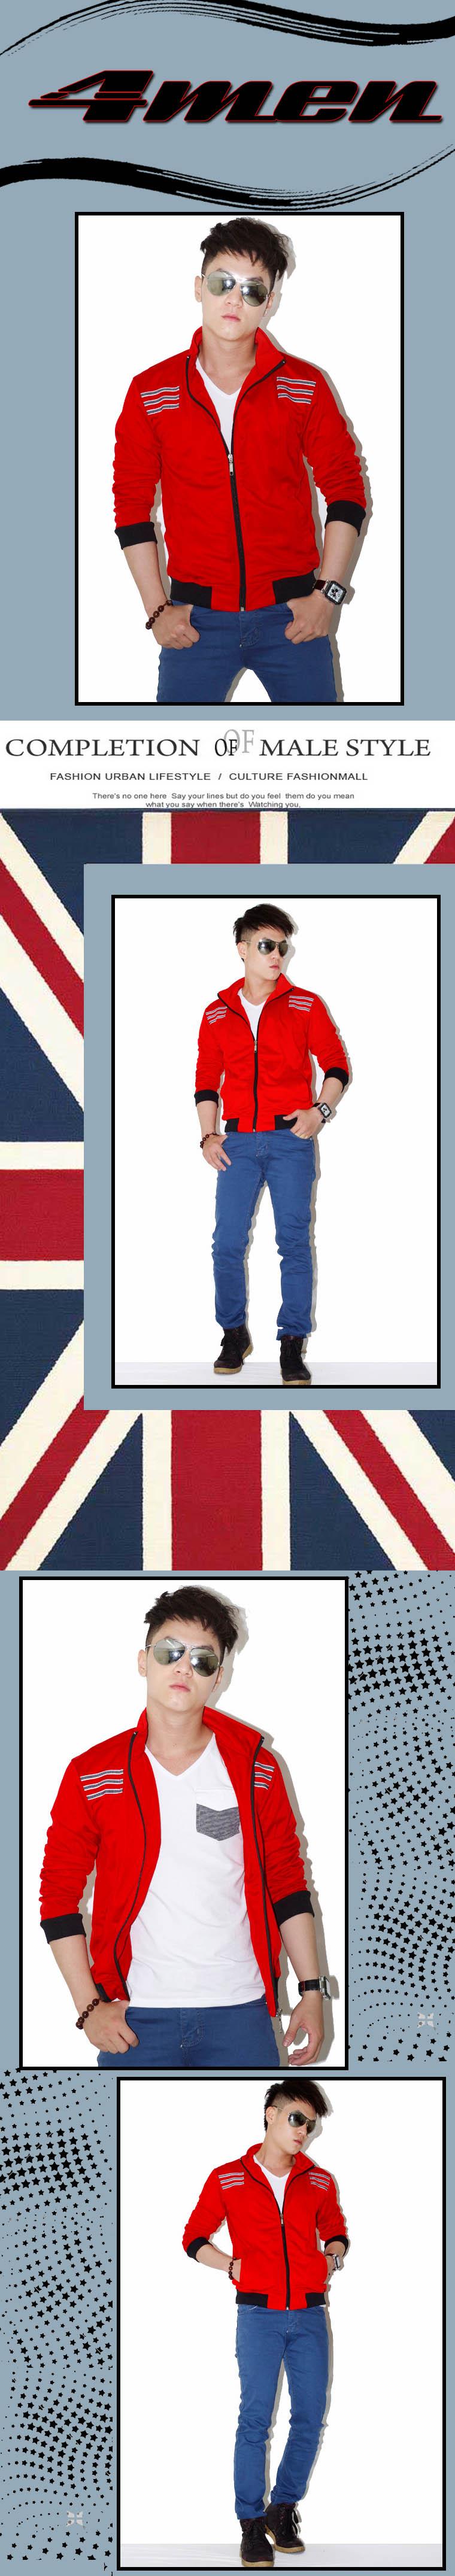 Áo khoác đỏ đô ak067 - 1